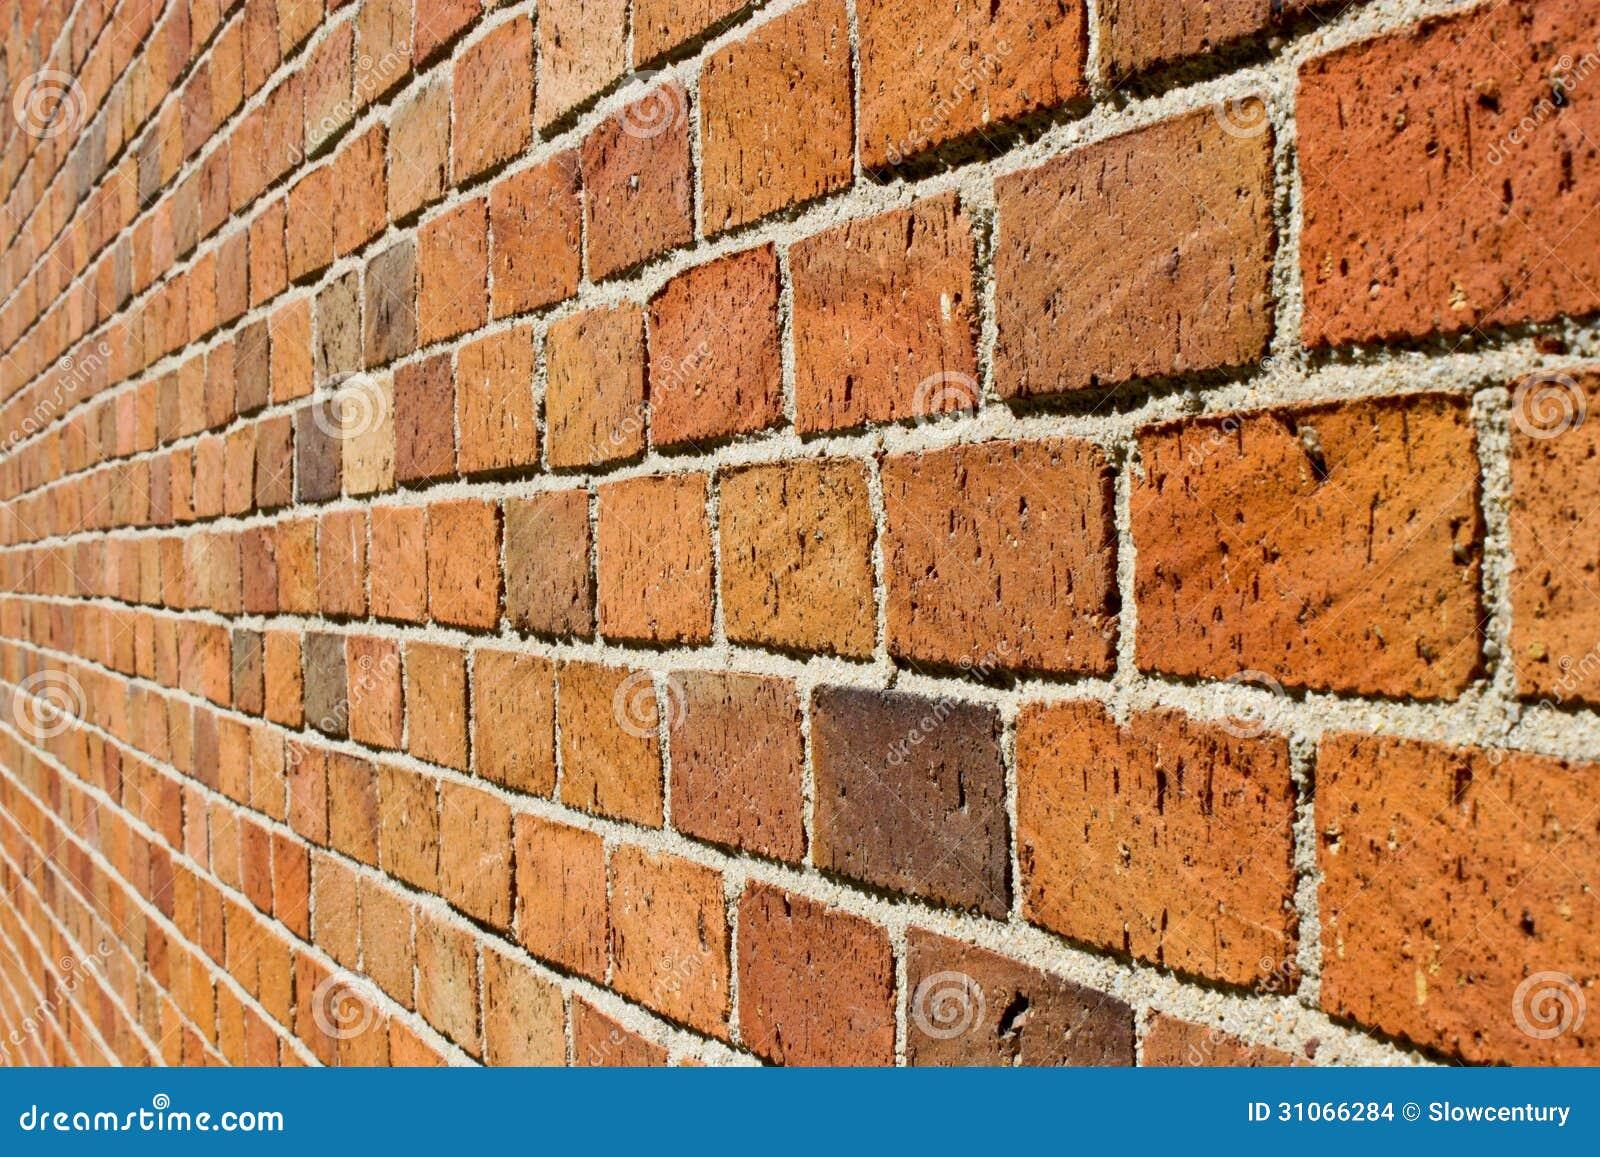 Prospettiva di un muro di mattoni fotografia stock for Disegni di garage di mattoni